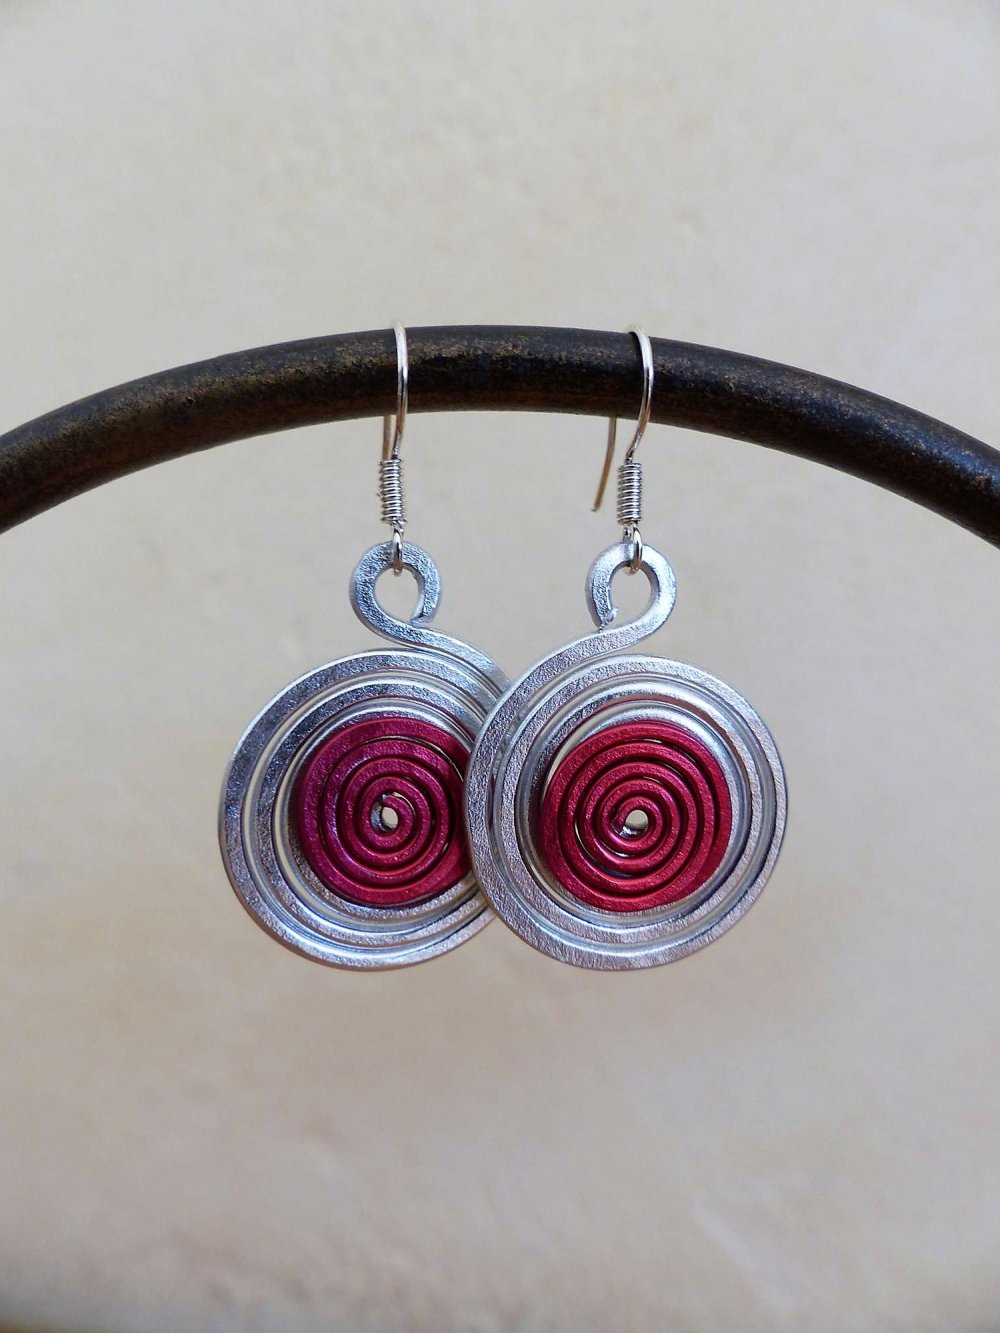 boucles d'oreilles spirales argentées-rouges